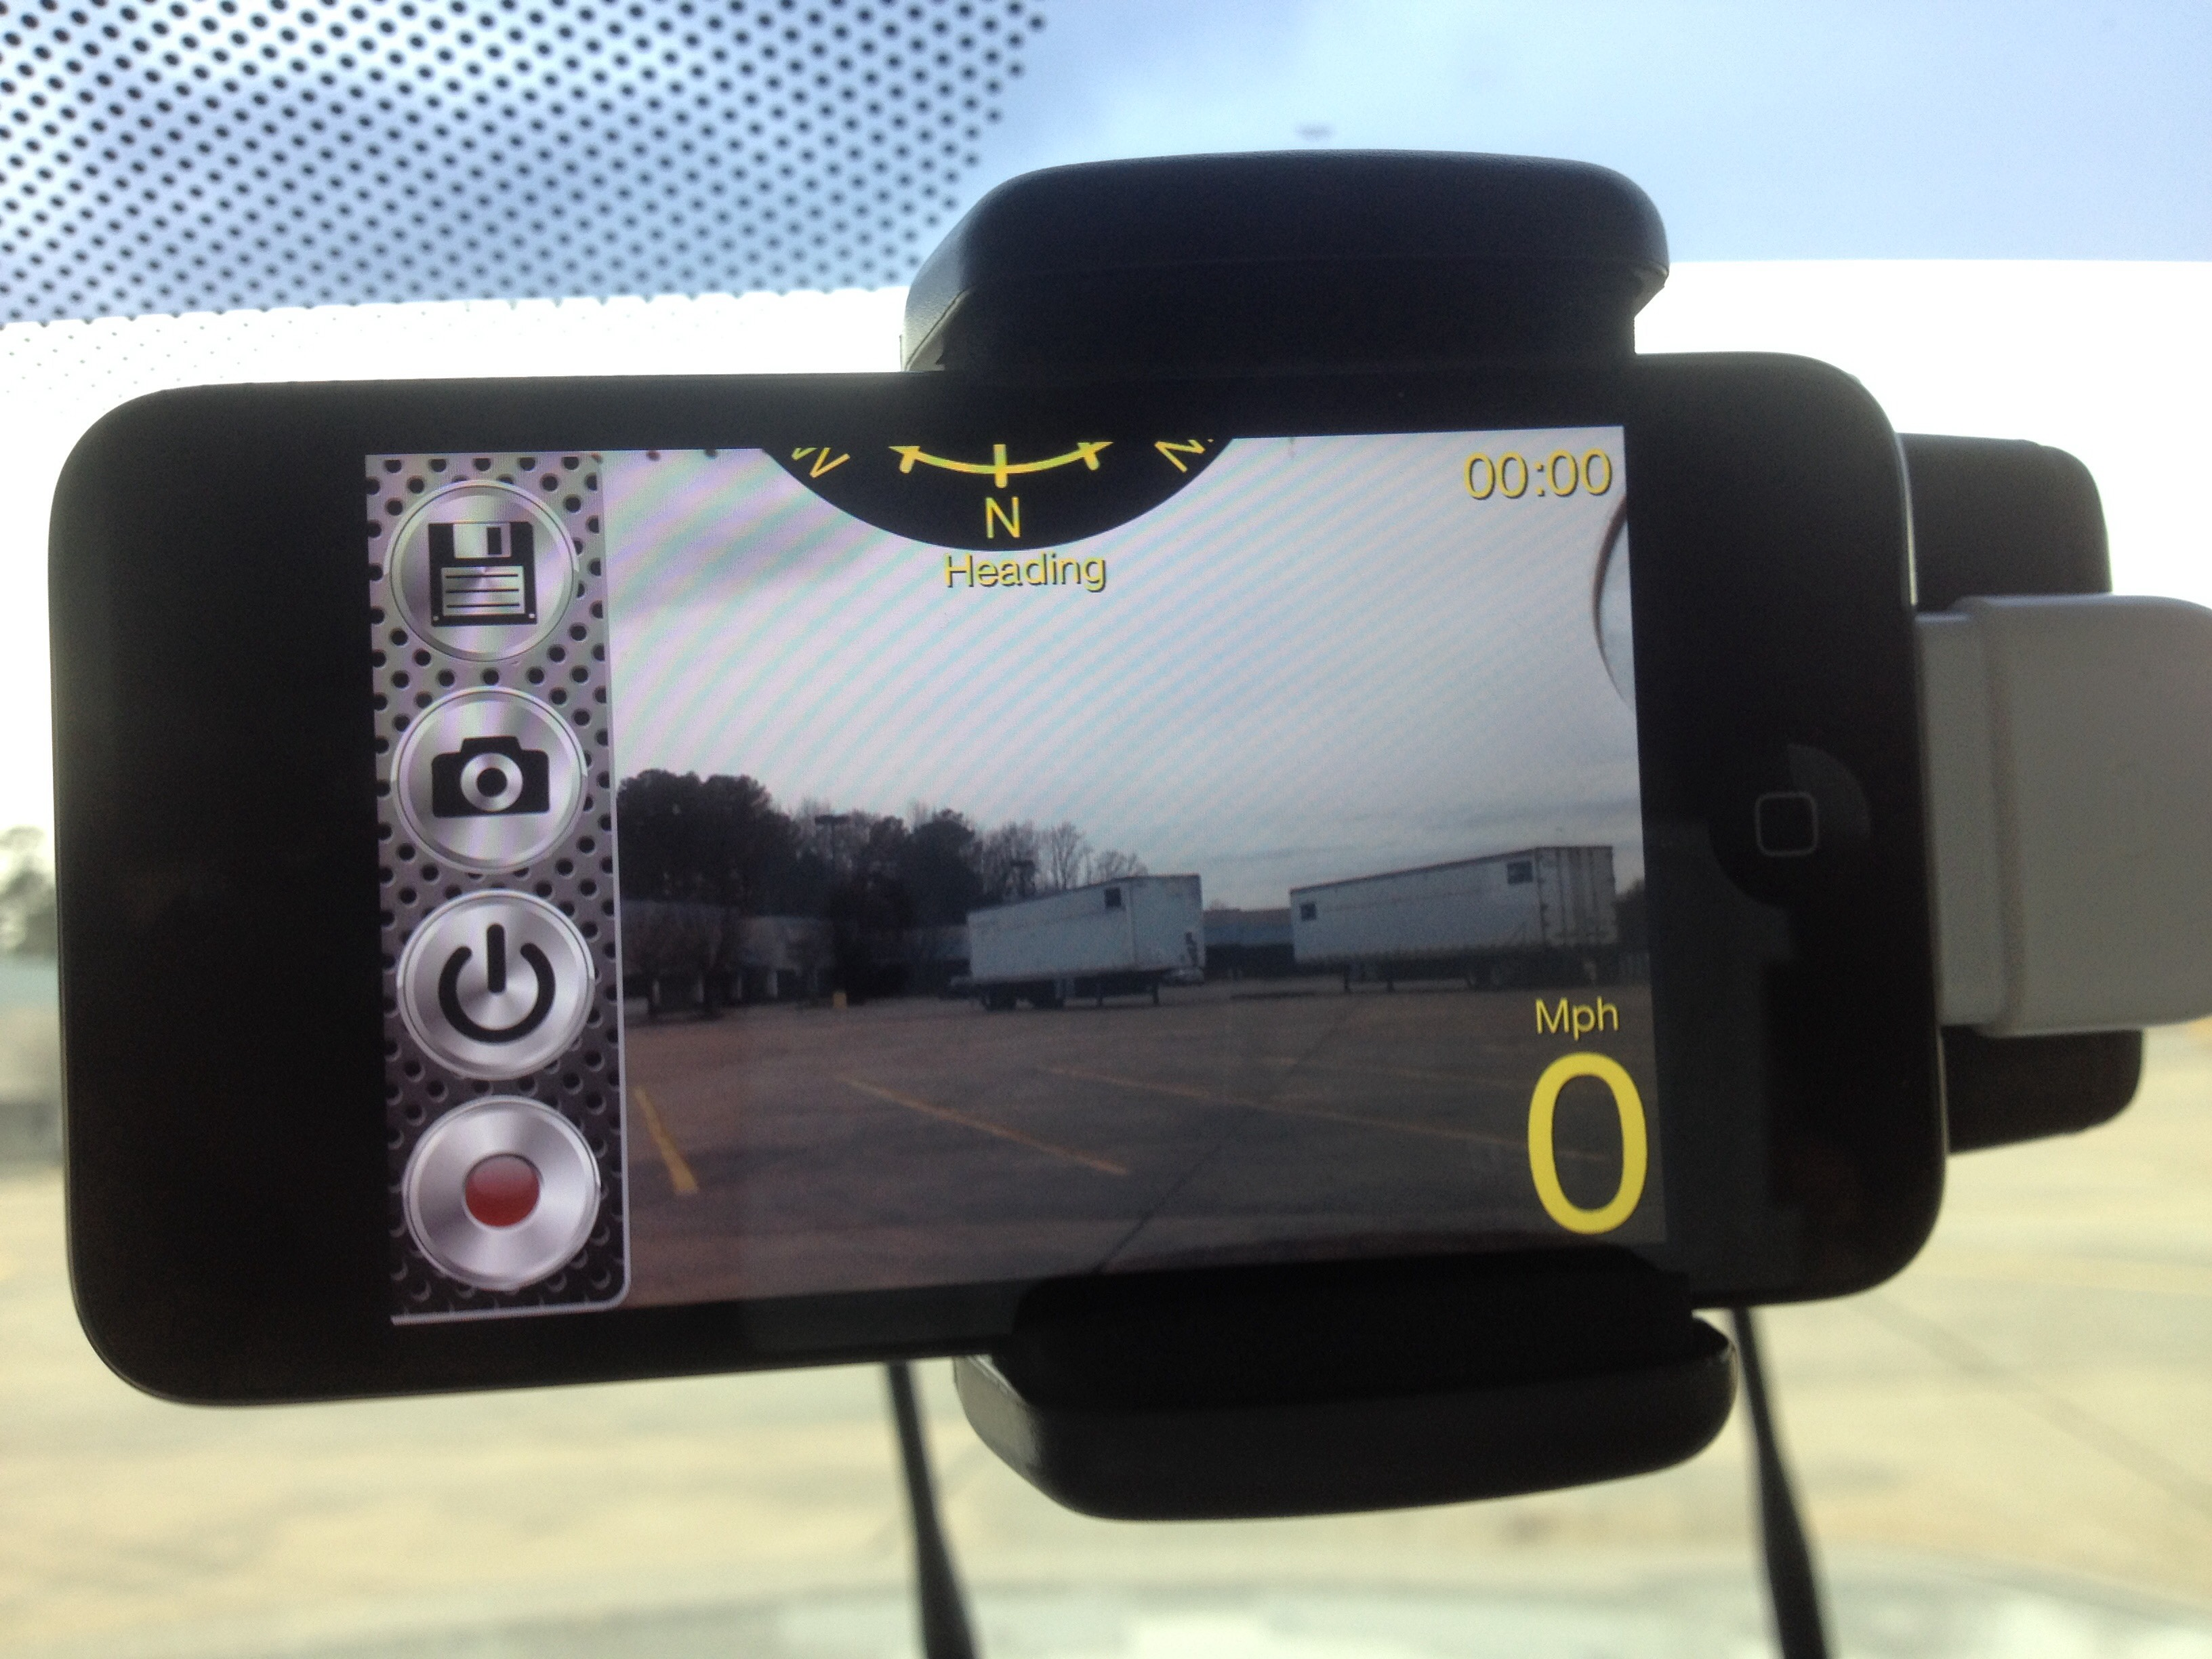 iPod Dash Cam